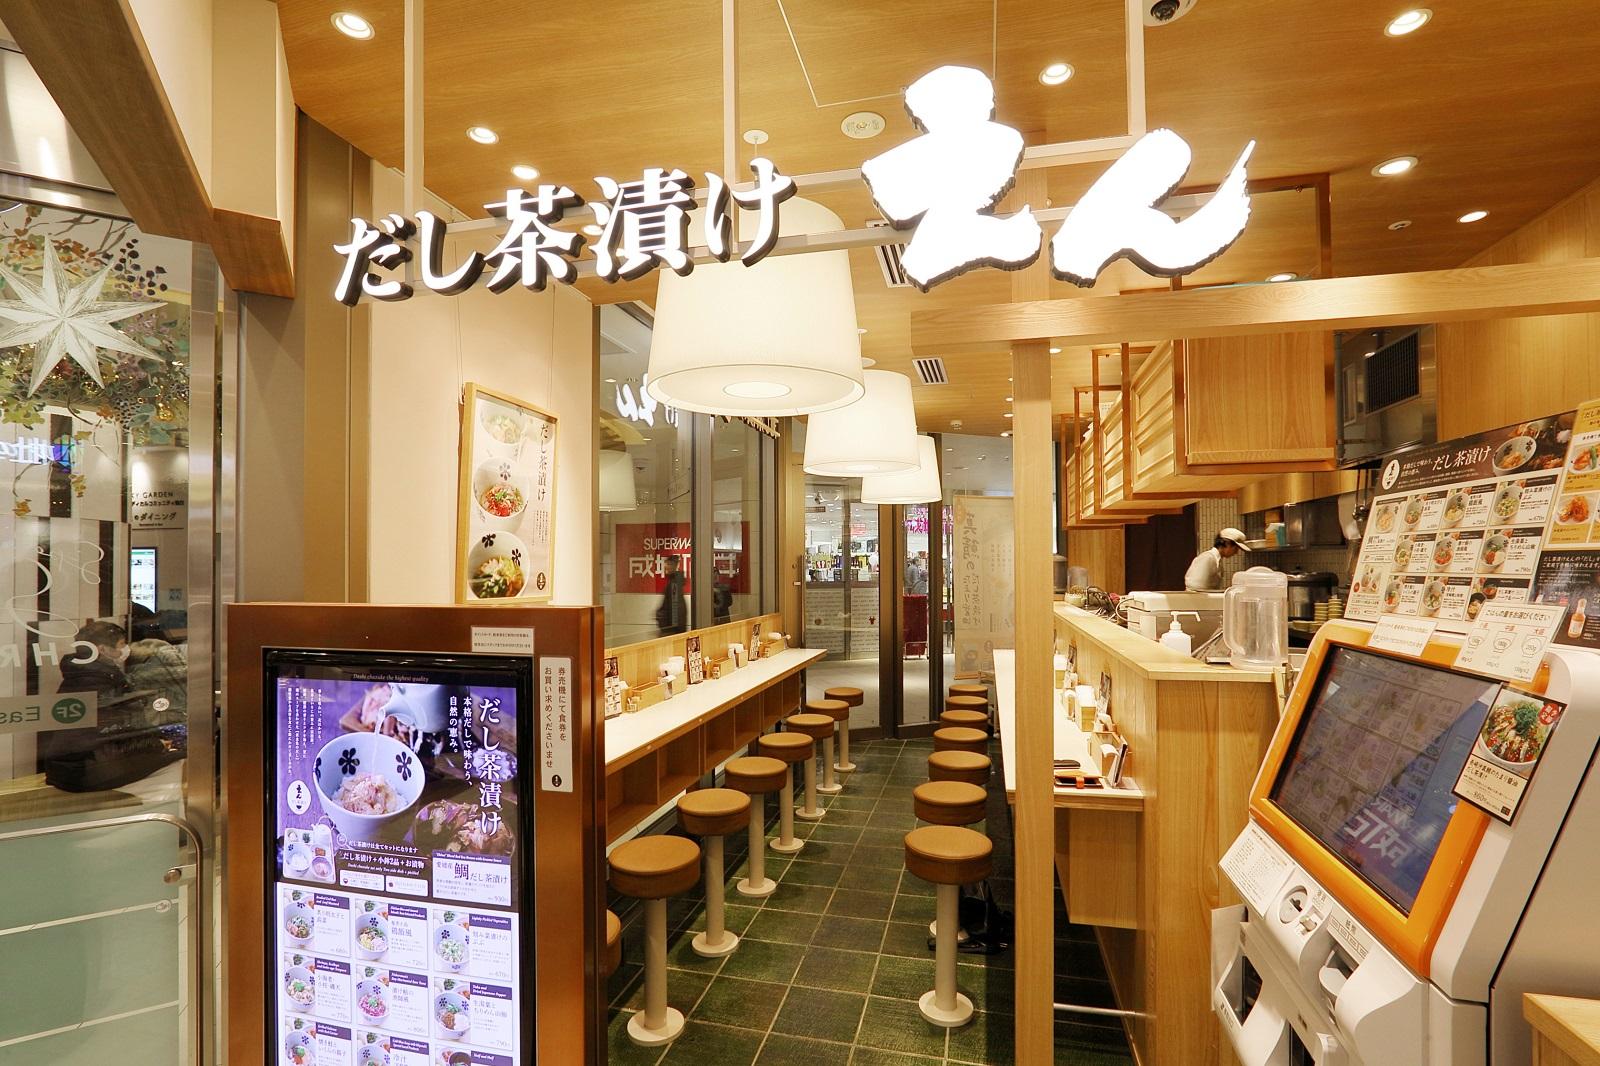 ひとりごはんにおすすめ!『だし茶漬け えん』@S-PAL仙台東館2F